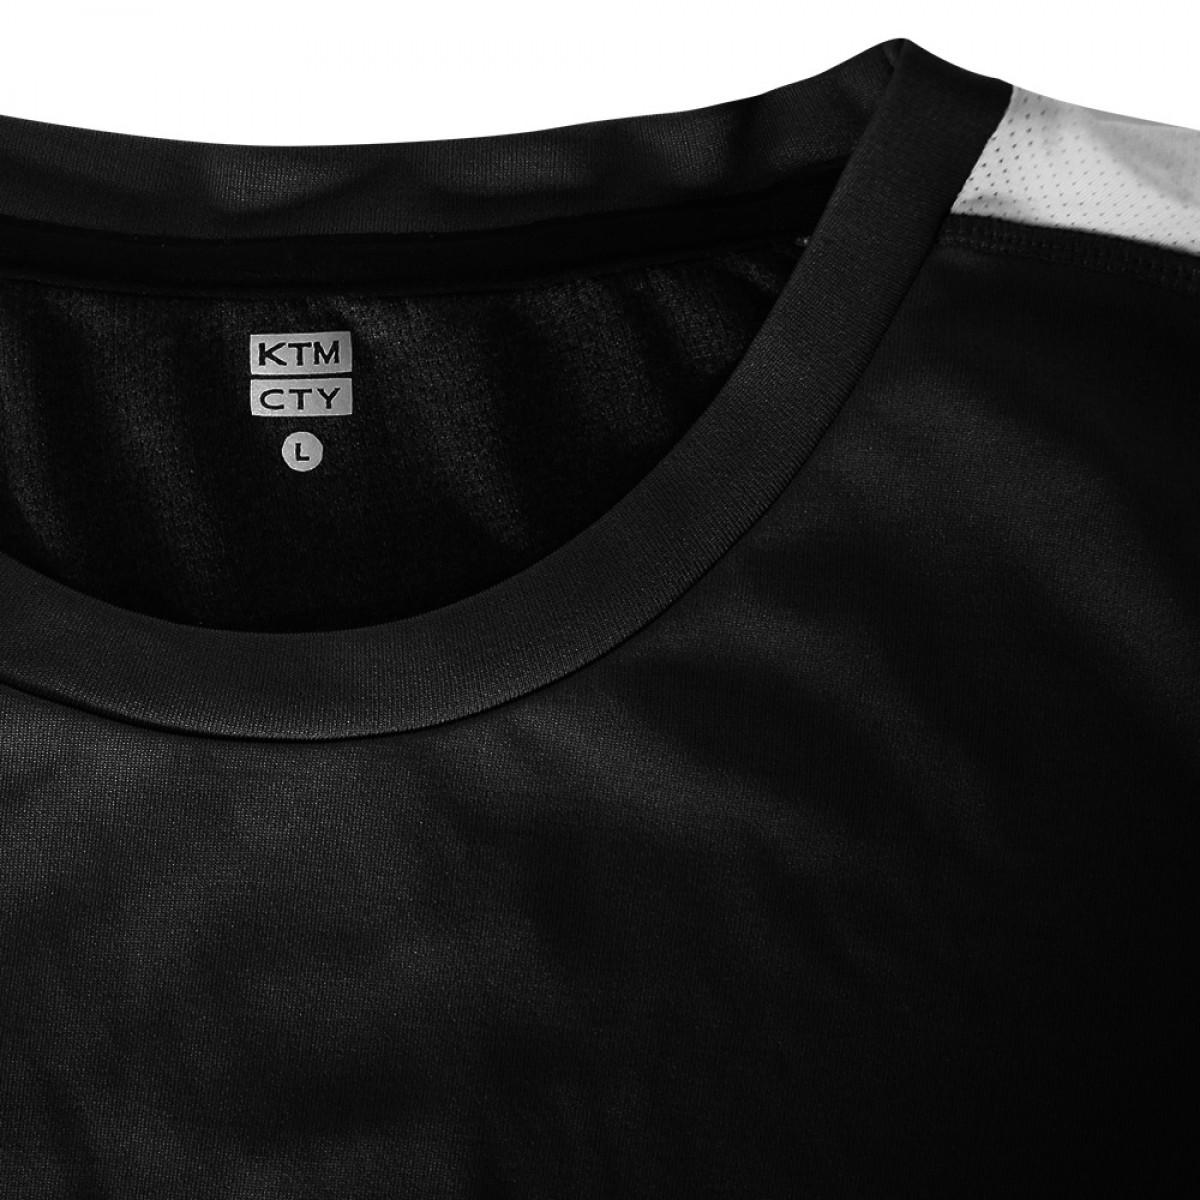 men-knitted-round-neck-t-shirt-kkrt15966-8a